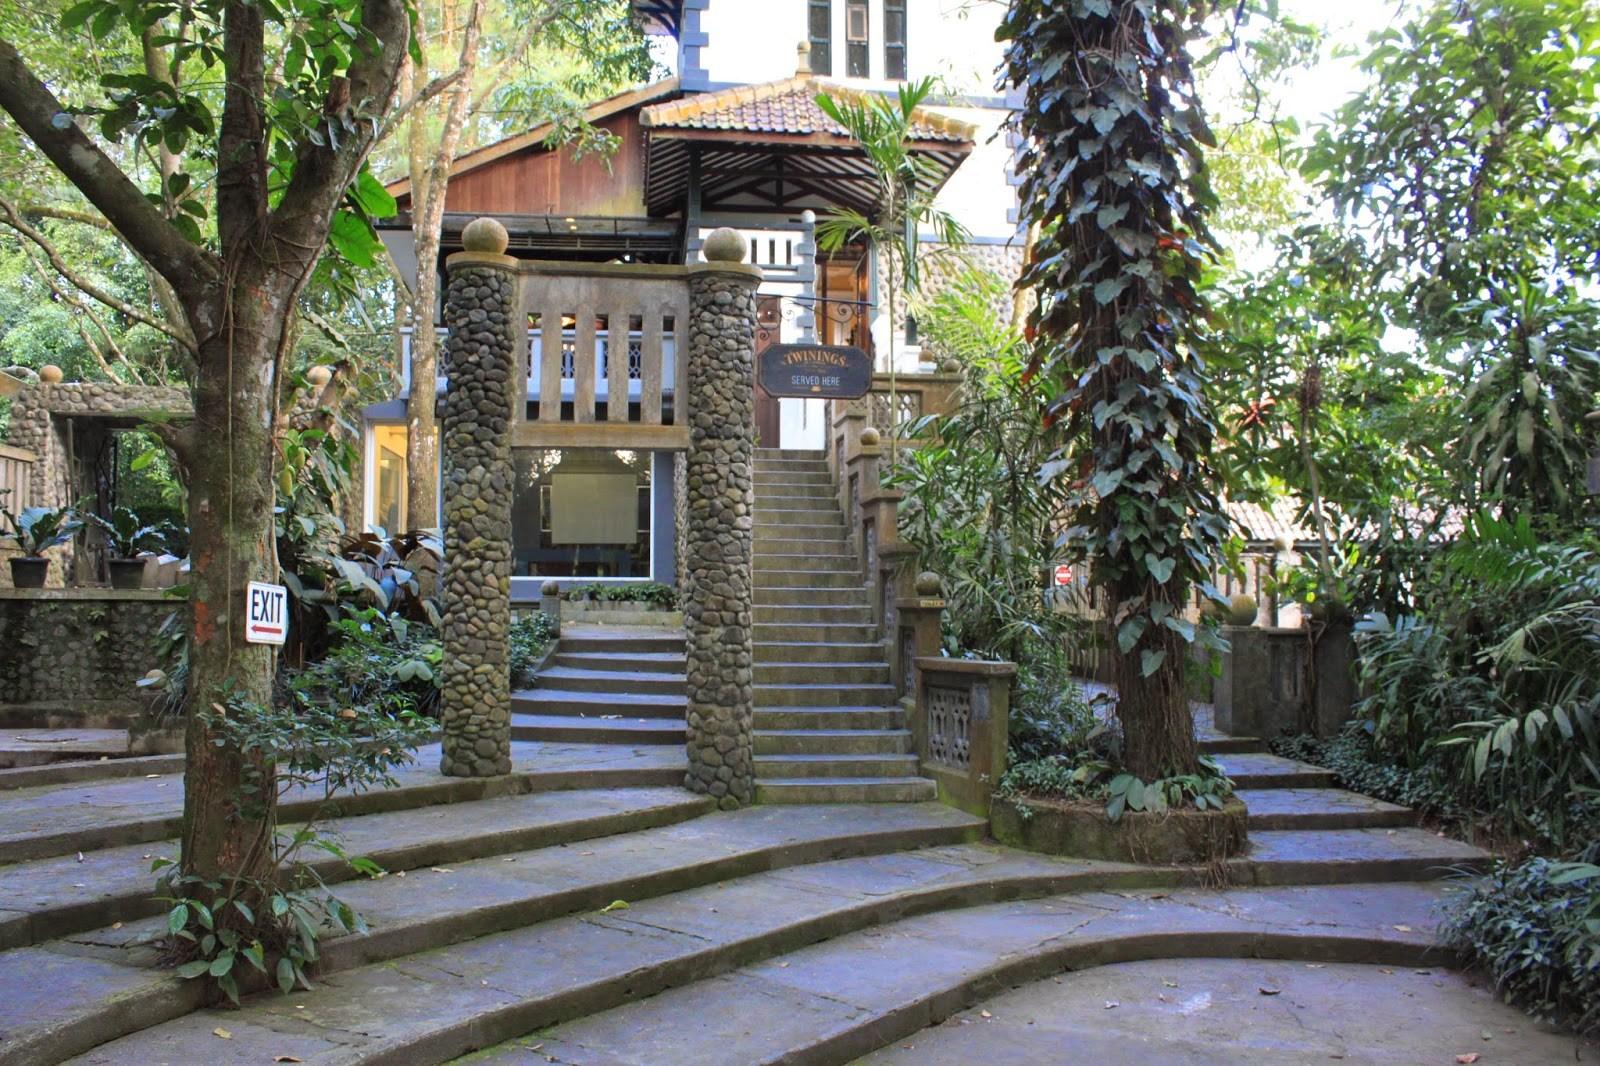 Memperingati Hari Museum Indonesia, Inilah 5 Museum Unik Yang Wajib di Kunjungi 4